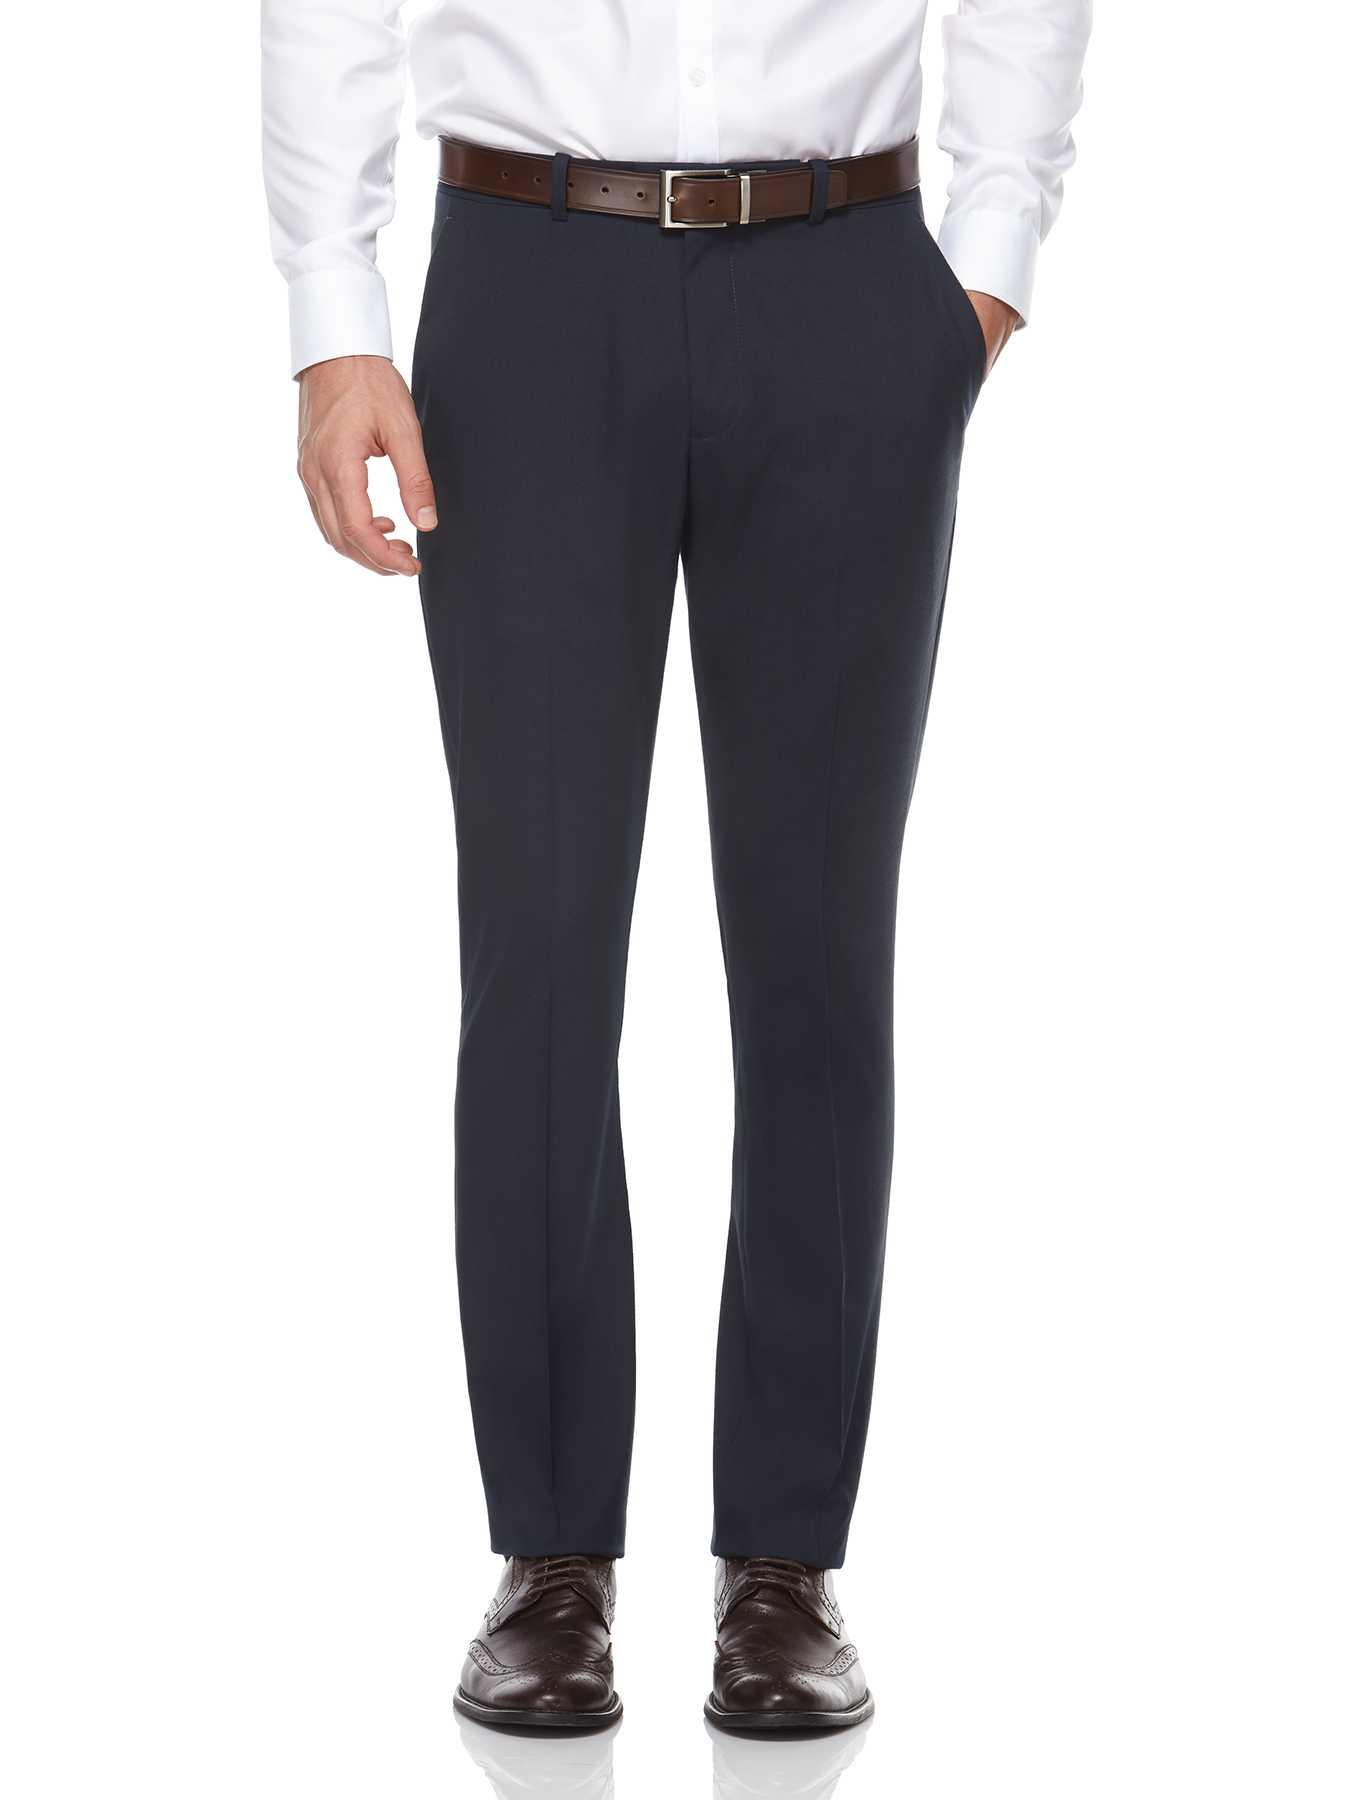 Perry Ellis Very Slim Heather Solid Dress Pant